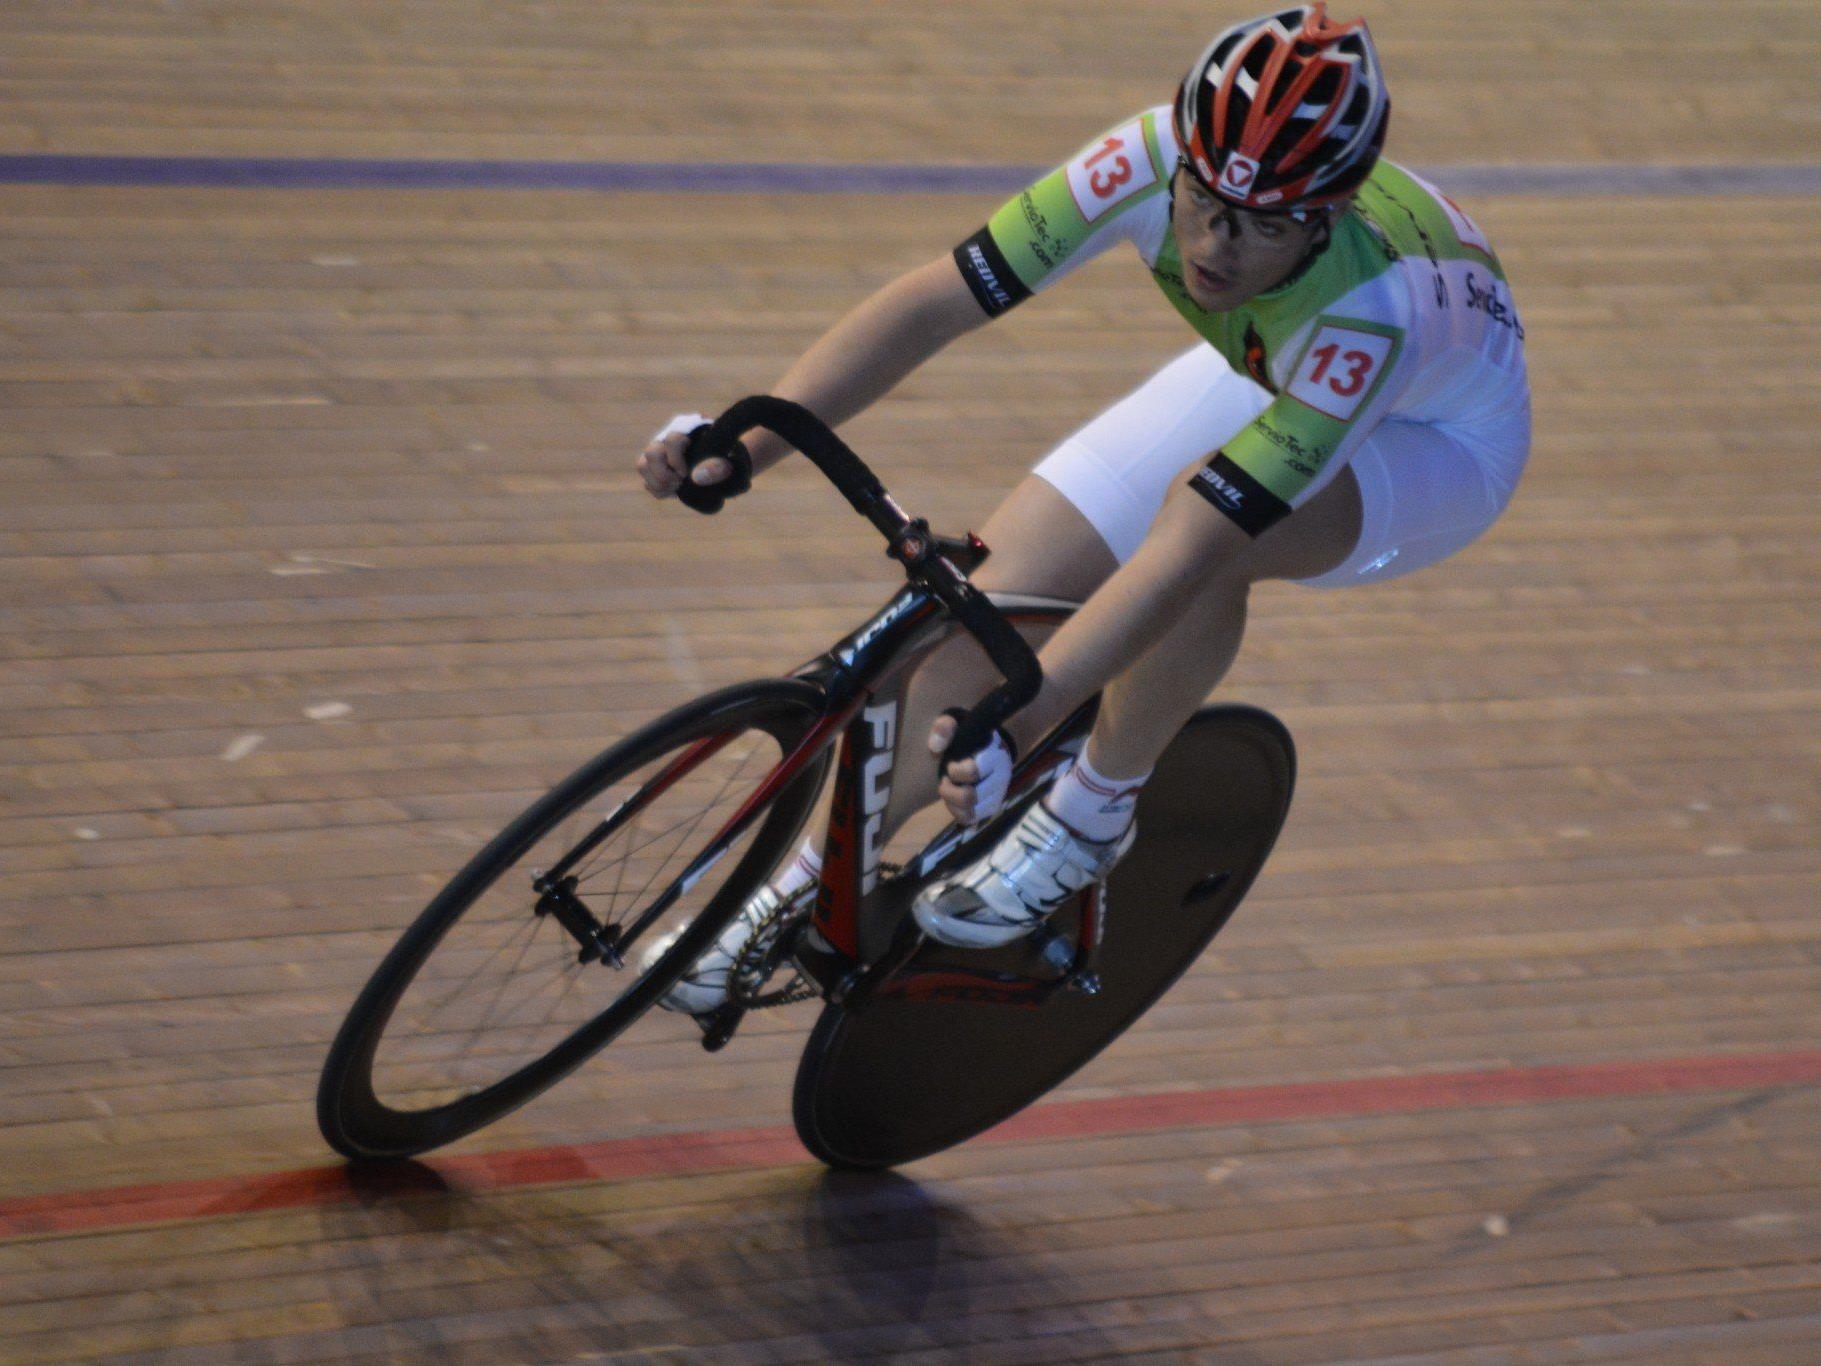 Mehrere Spitzenplätze erreichte der Hohenemser Tobias Wauch beim Sechstagerennen in Berlin.